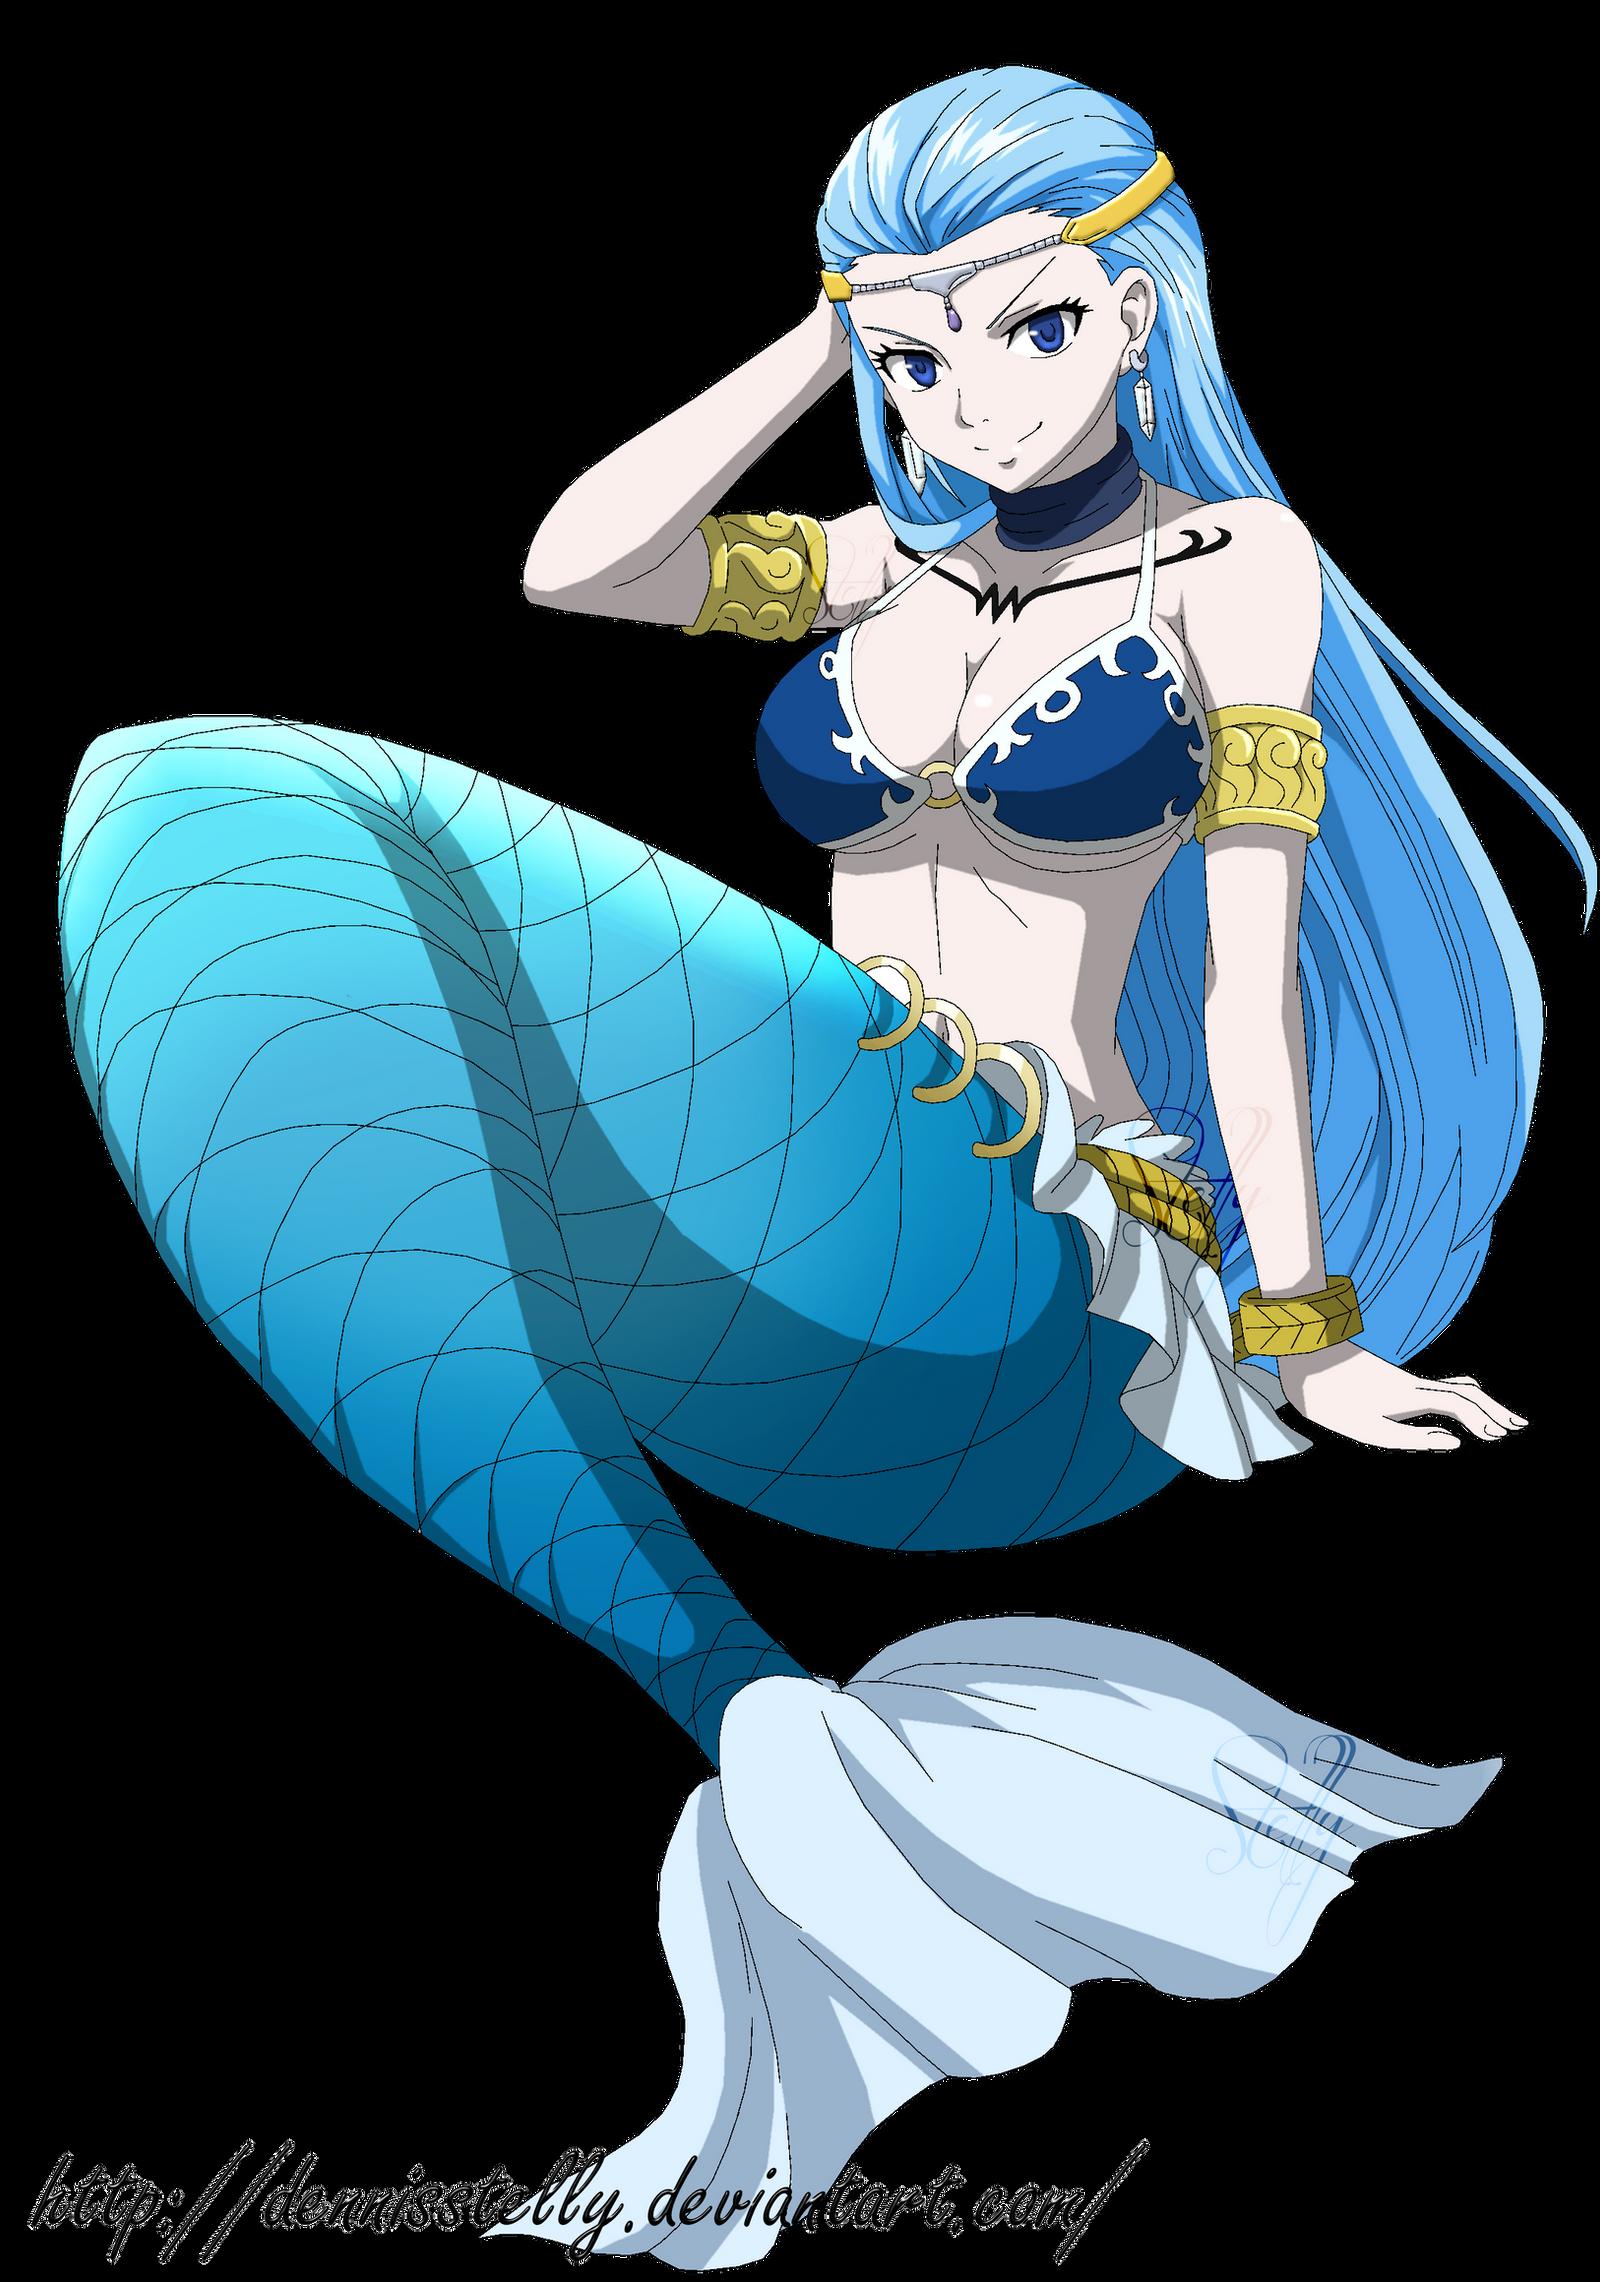 Aquarius fairy tail cosplay